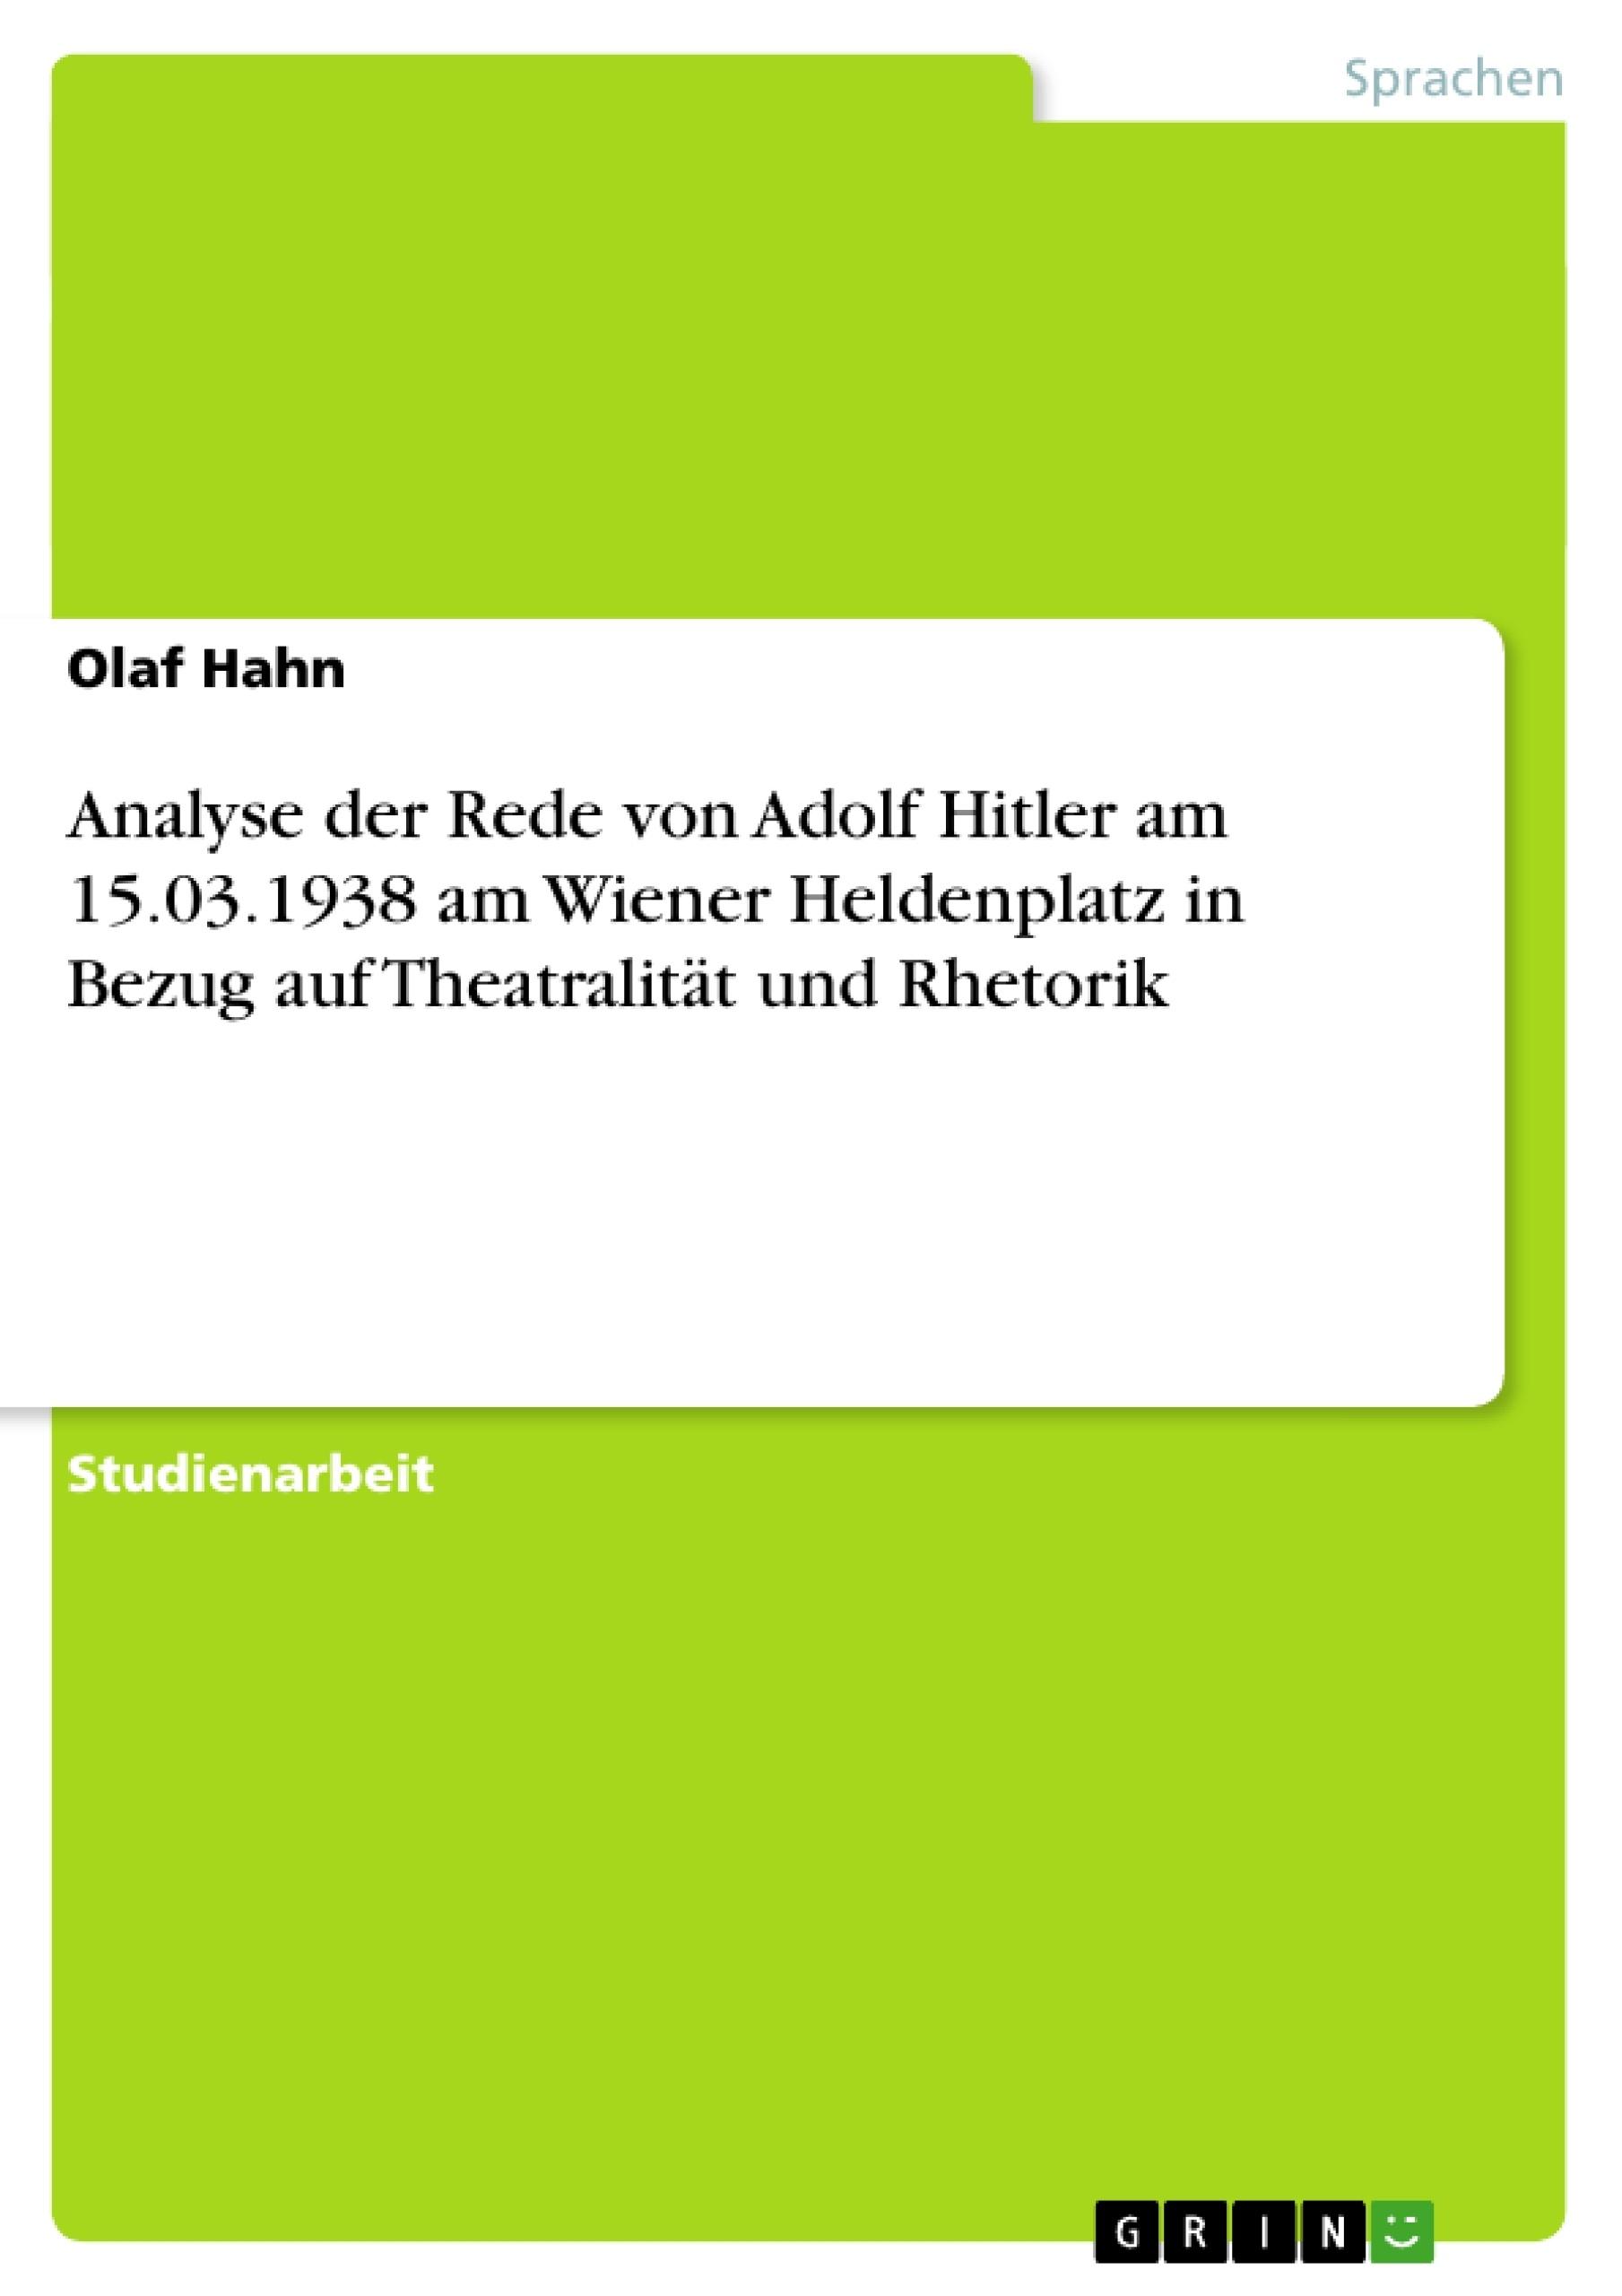 Titel: Analyse der Rede von Adolf Hitler am 15.03.1938 am Wiener Heldenplatz in Bezug auf Theatralität und Rhetorik